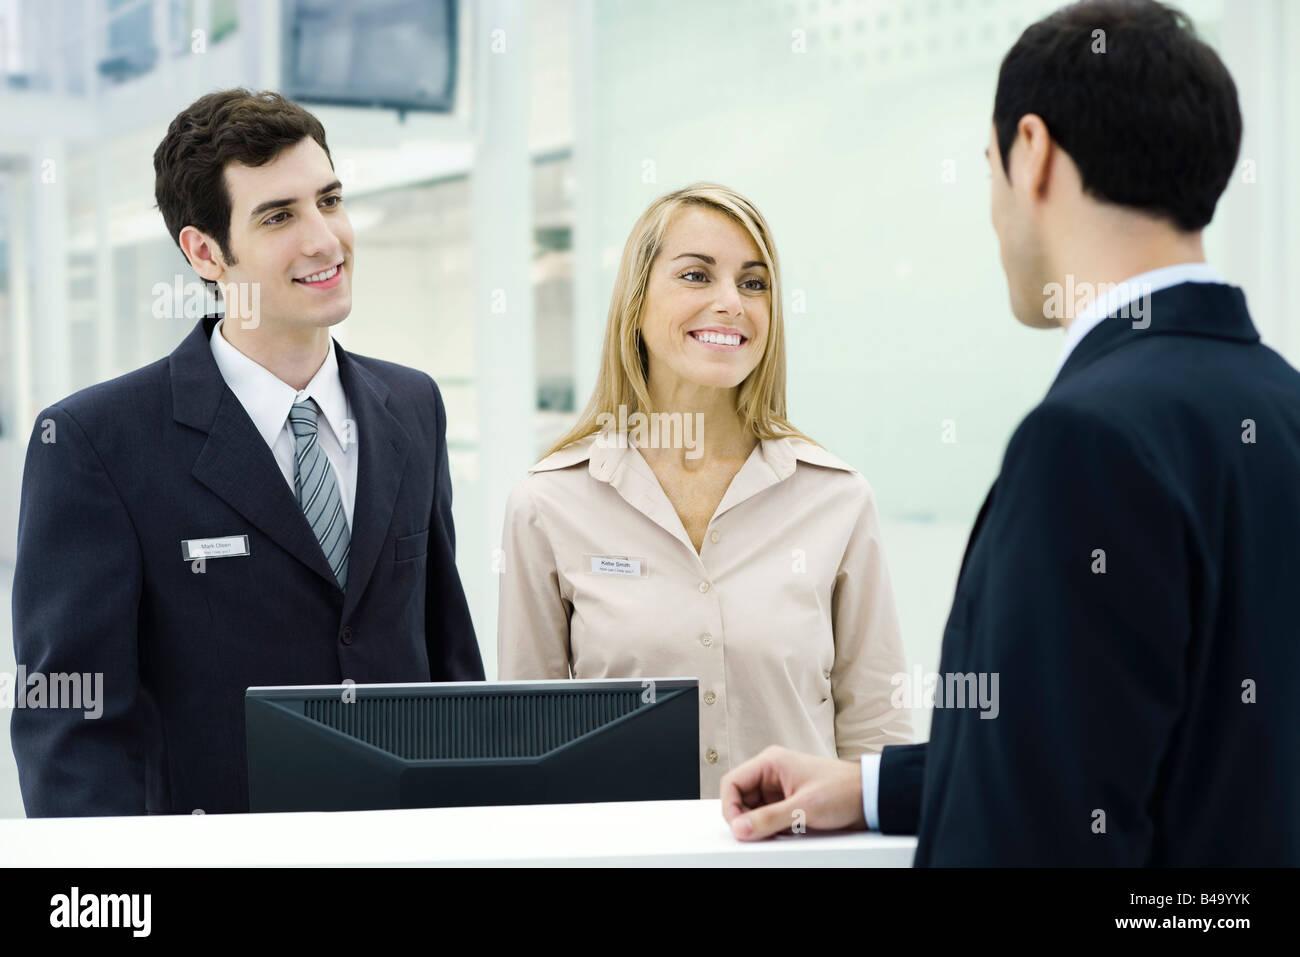 Customer service representatives smiling at businessman waiting at counter Stock Photo